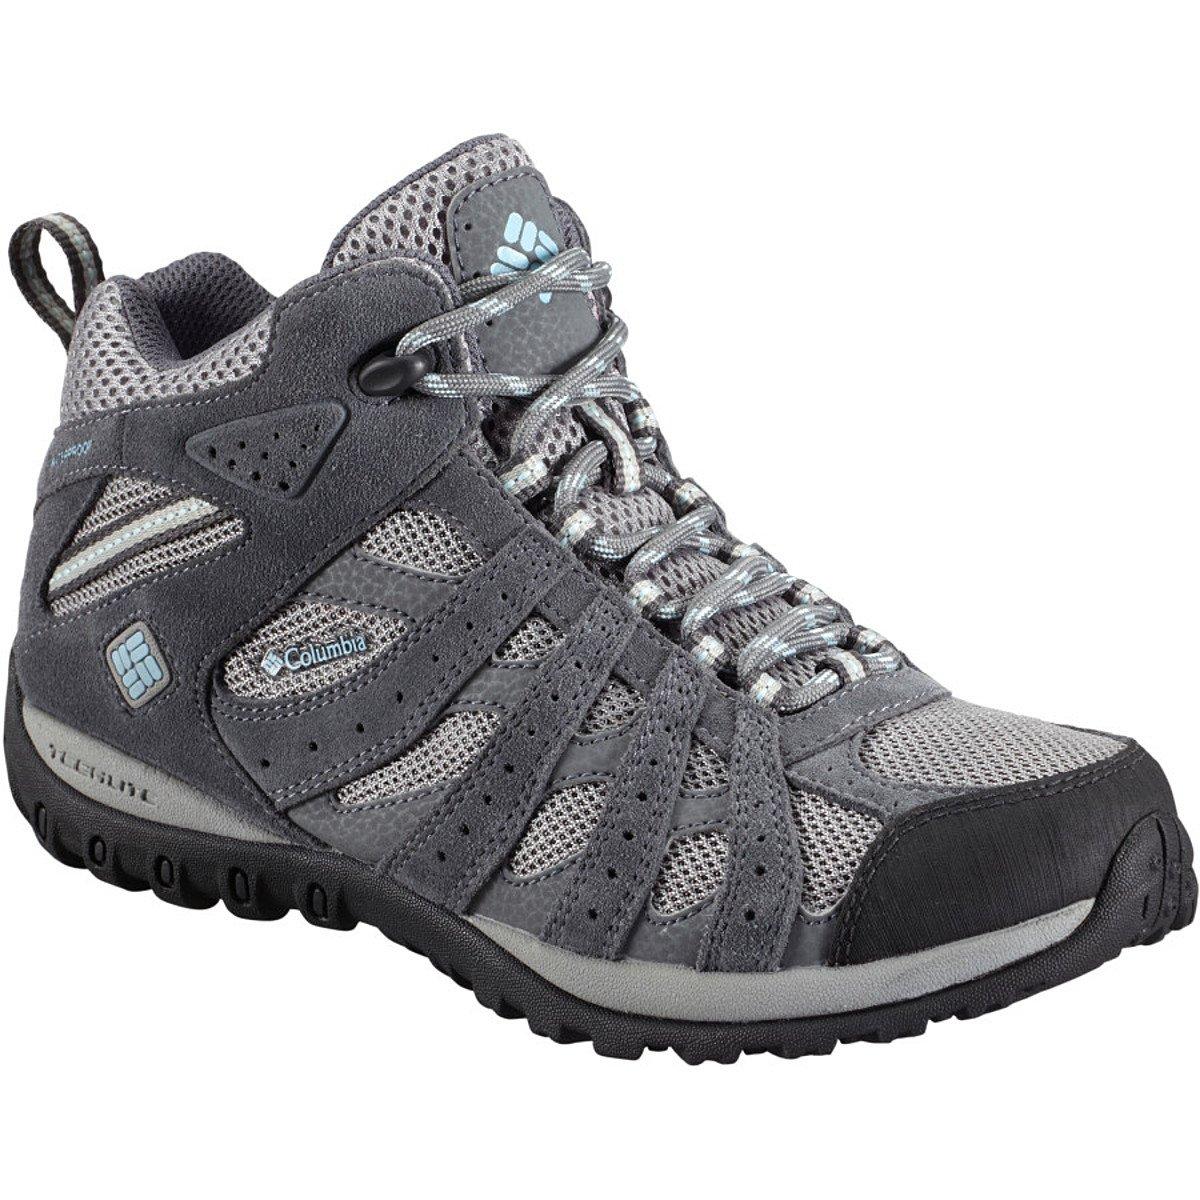 (コロンビア) Columbia Redmond Mid Waterproof Hiking Boot - Women'sレディース バックパック リュック Light Grey/Sky Blue [並行輸入品] 10  B077NGXSK6